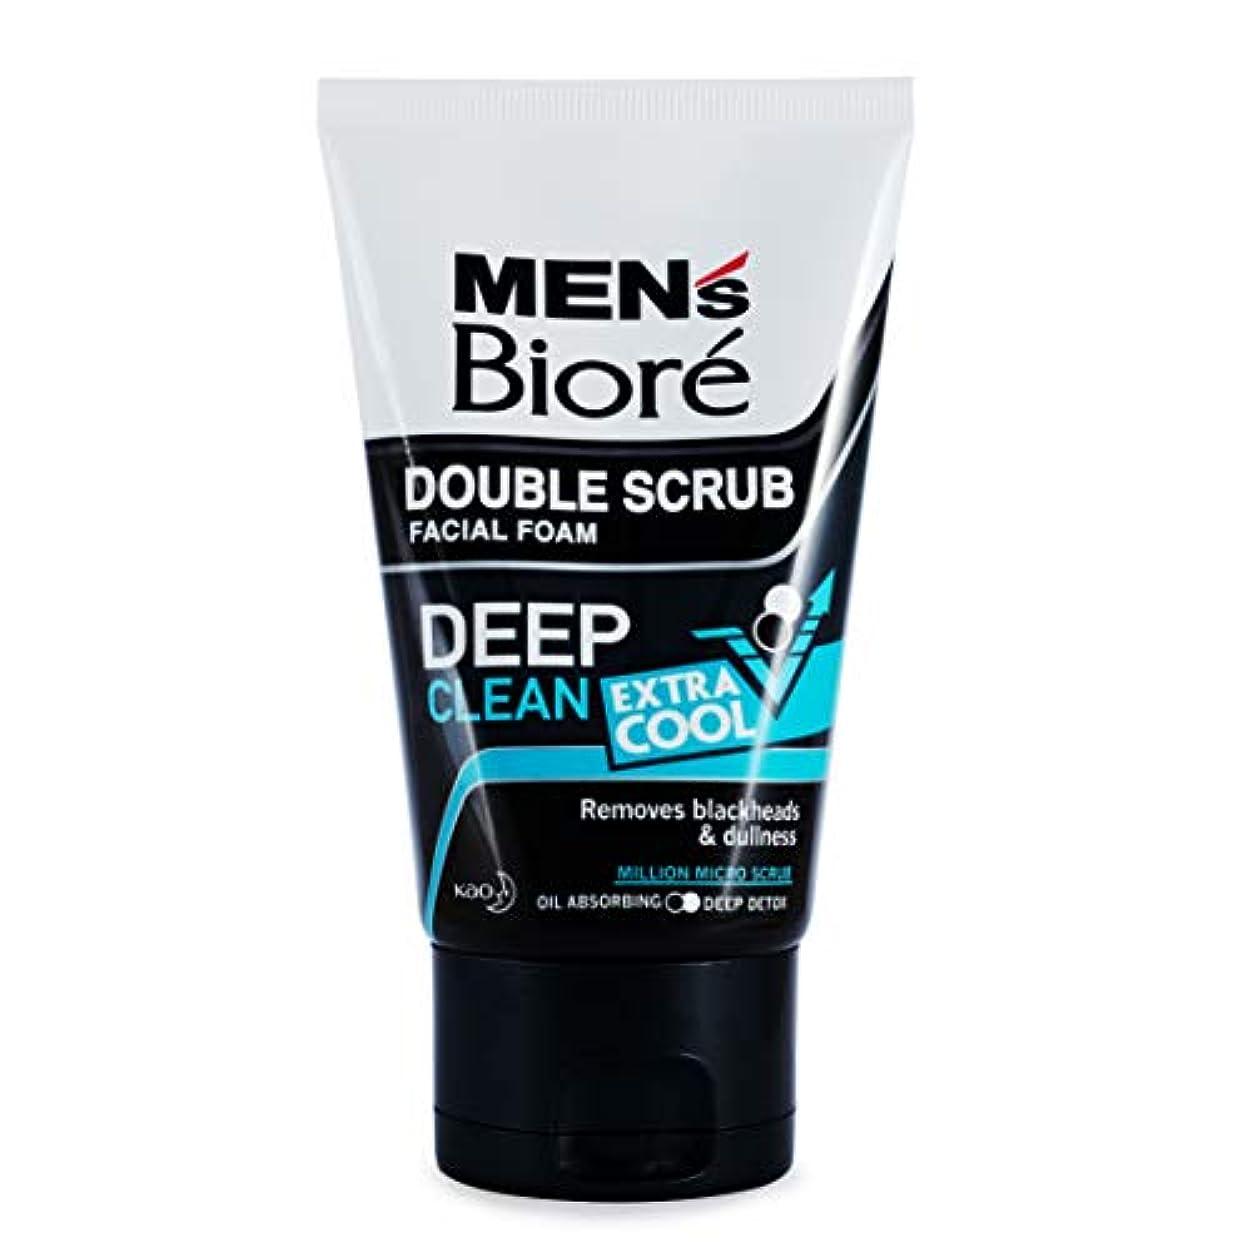 反発歌詞争いBiore Men's ダブルスクラブ余分なクールな顔泡100グラム、なめらかな明るい&健康な皮膚。 - 非常にクール&さわやかな感覚。